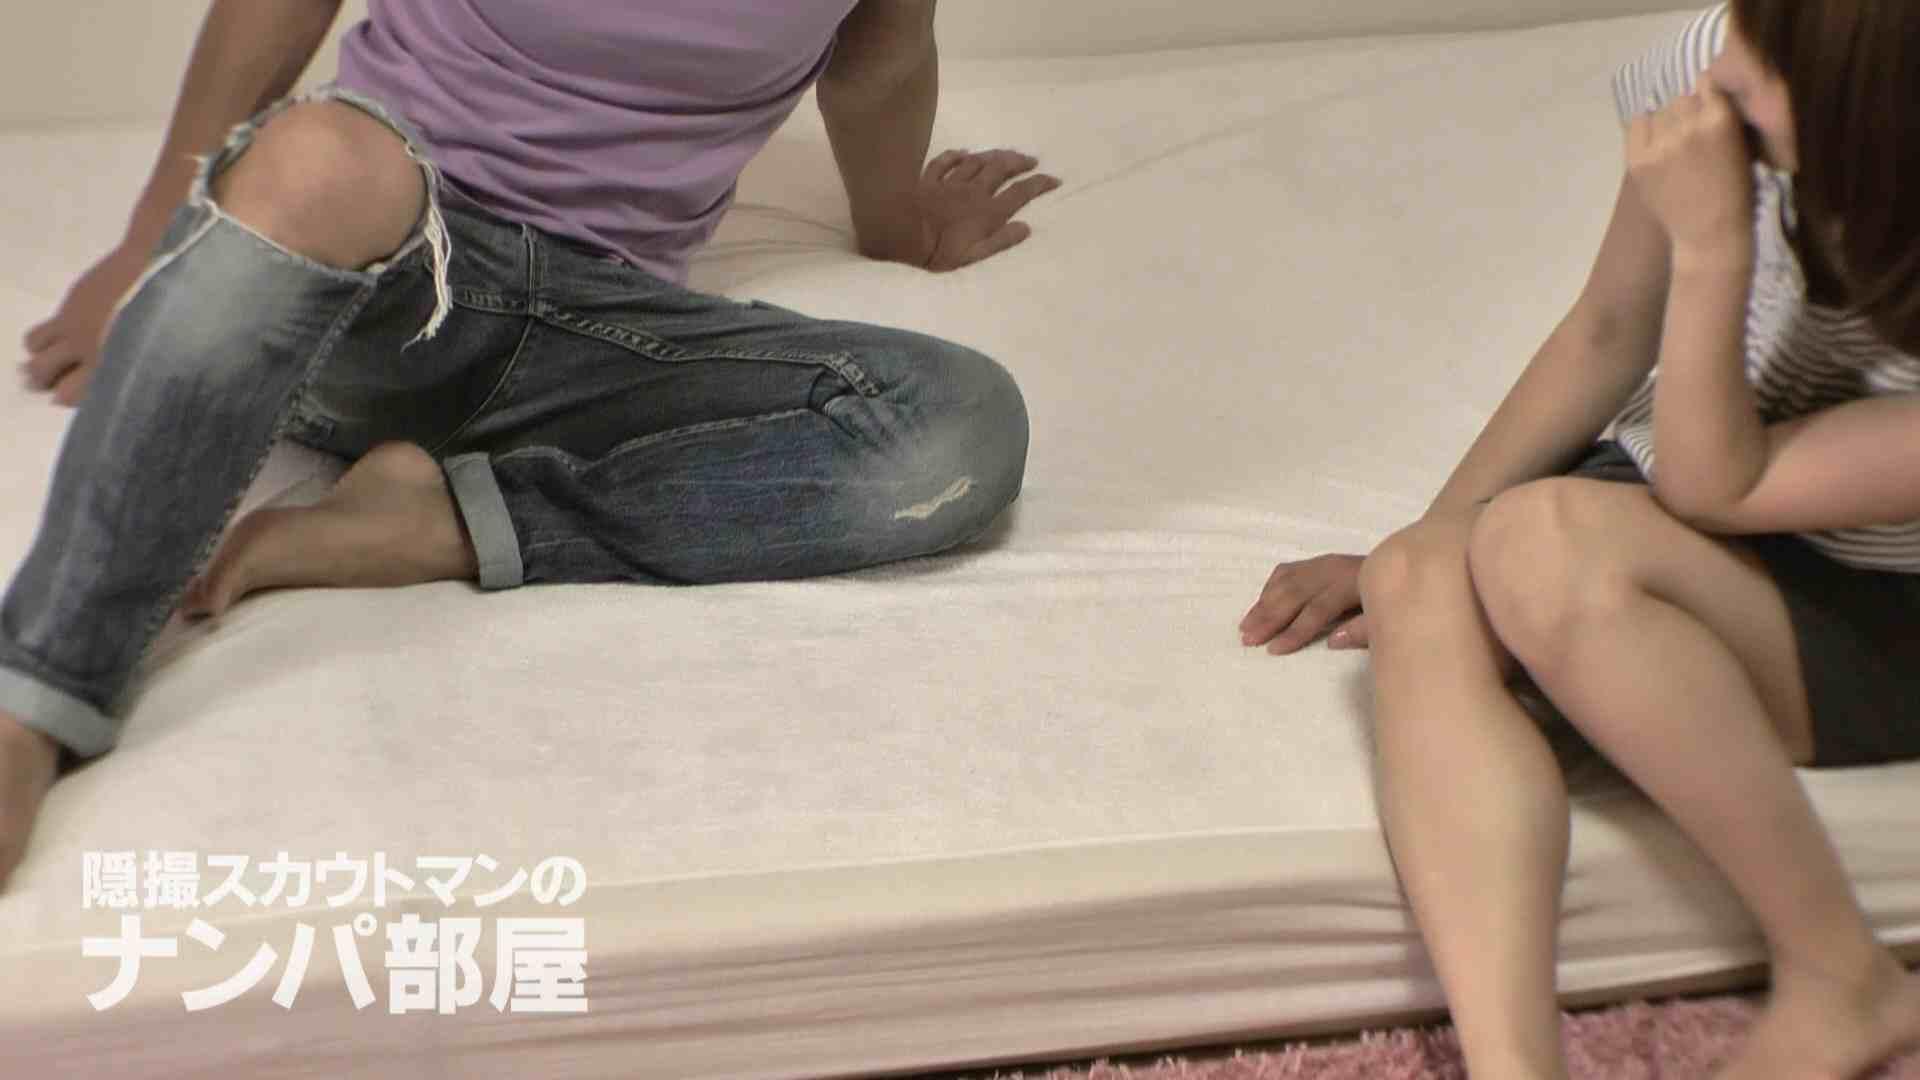 隠撮スカウトマンのナンパ部屋~風俗デビュー前のつまみ食い~ siivol.3 SEX SEX無修正画像 55連発 21